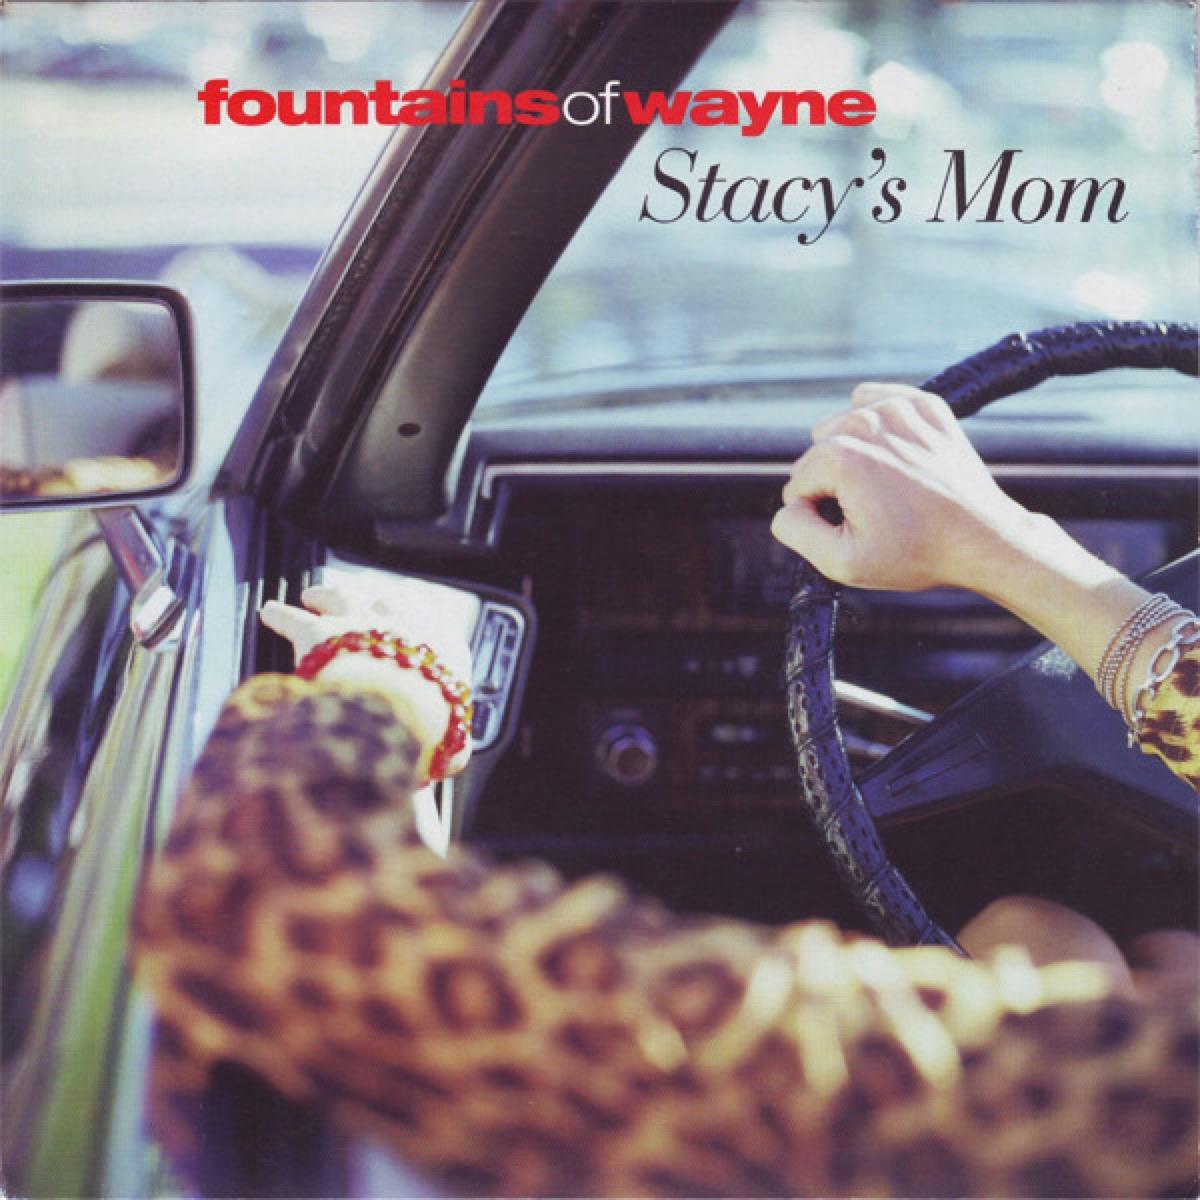 Fountains of Wayne Album Cover